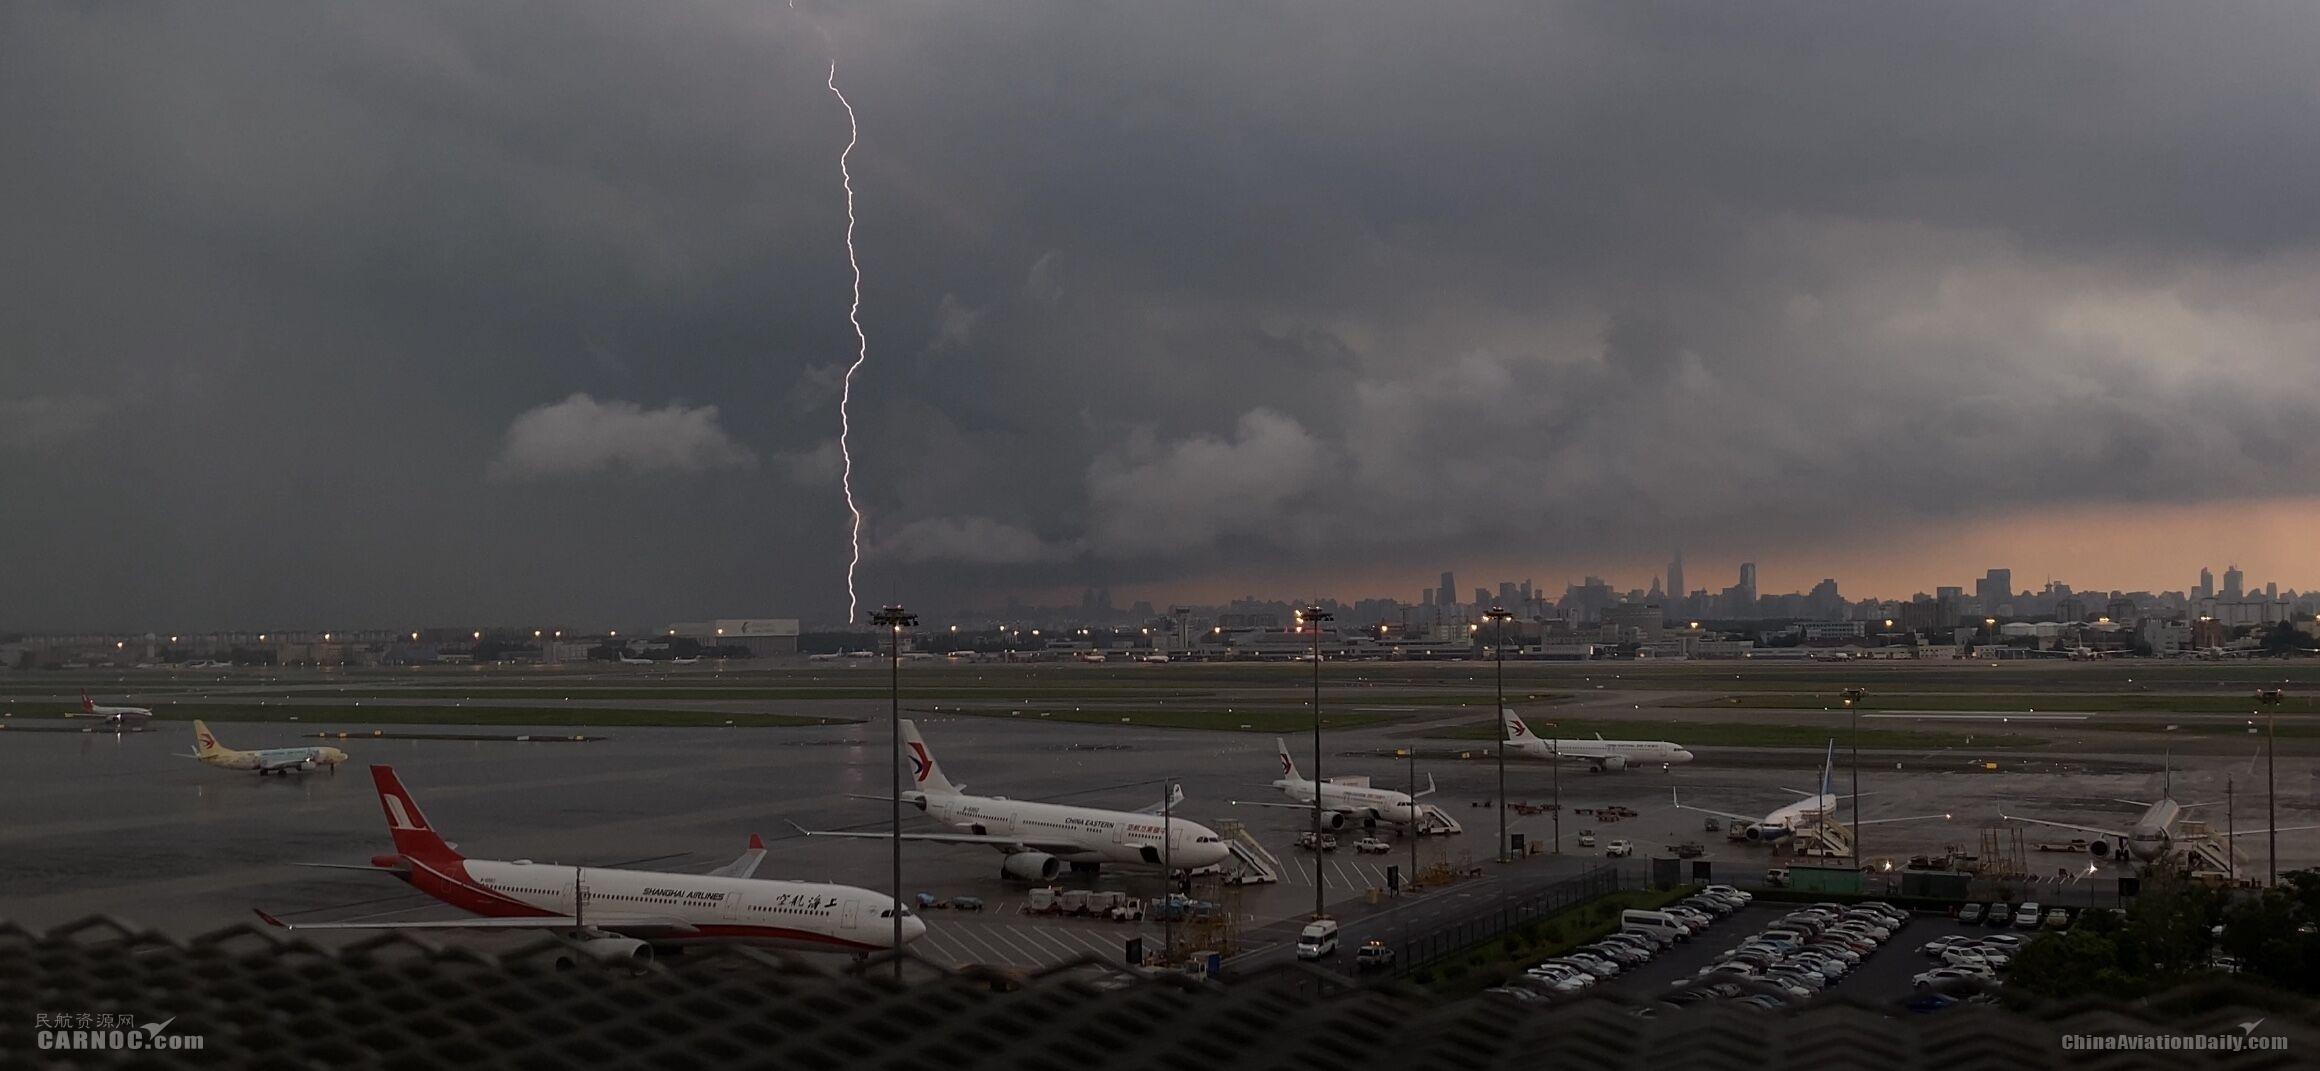 上海航空:狂风暴雨中坚守一线的身影